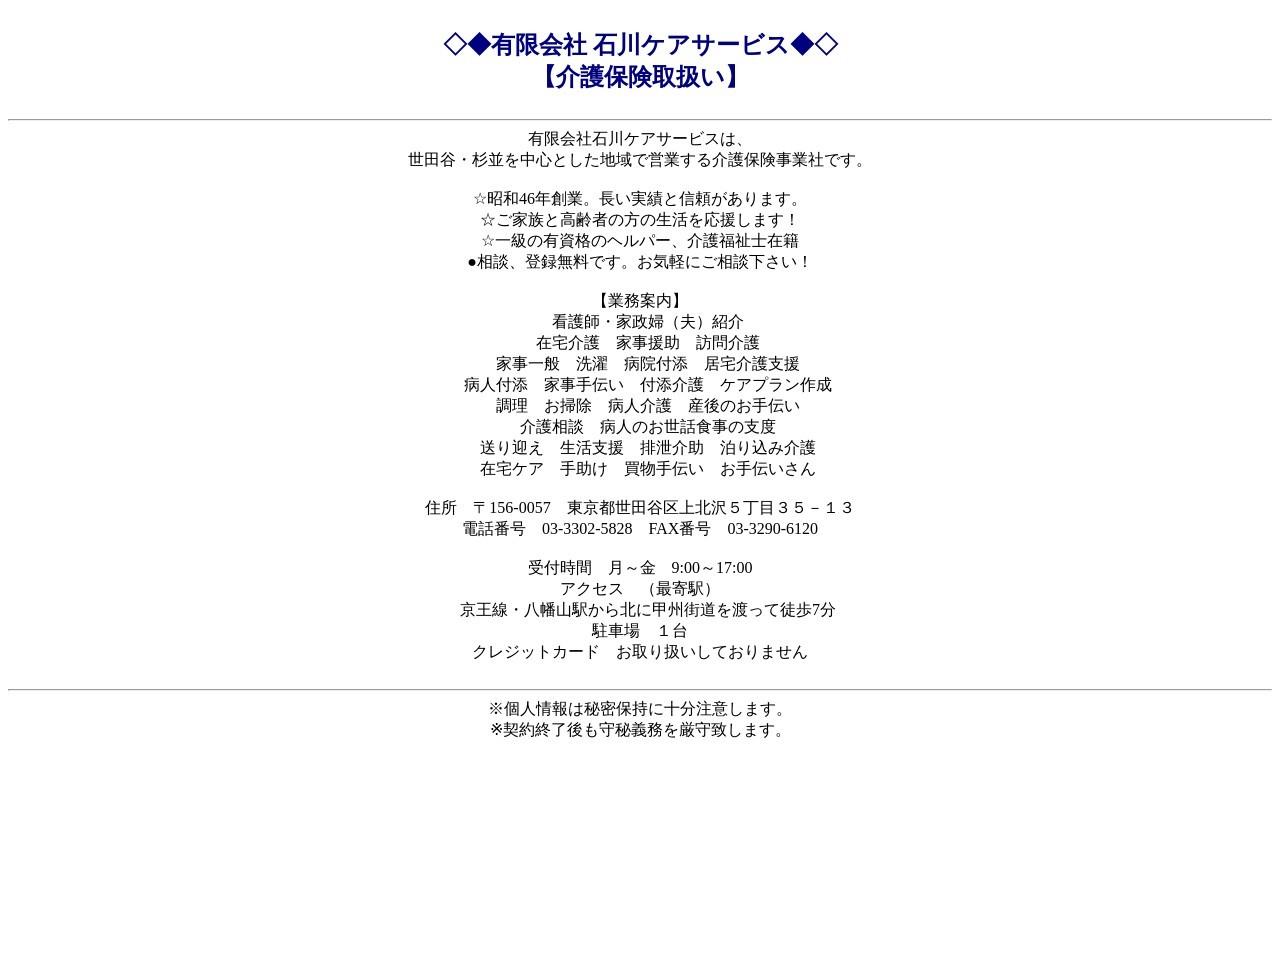 有限会社石川ケアサービス(世田谷・杉並・介護・家政婦・ヘルパー・ケアマネージャー)